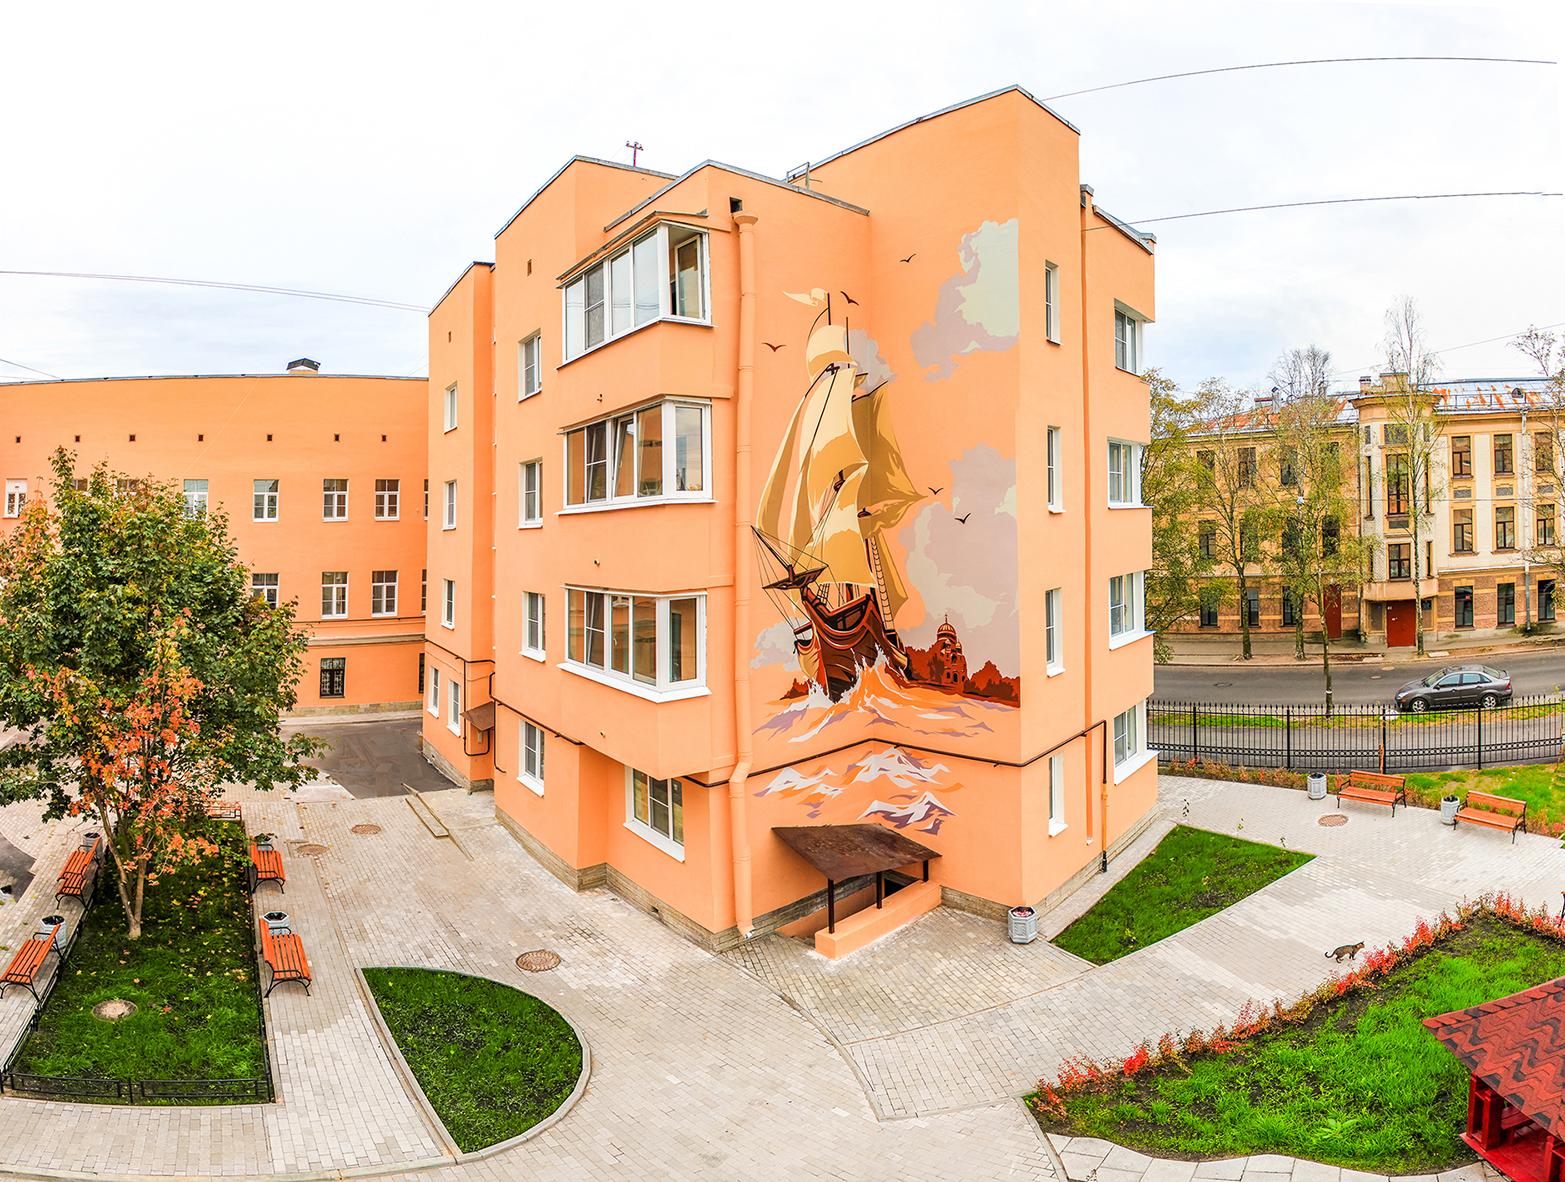 Frigate,  Kronshtadt _Russia, 2012_04 (c) Art-Facade.jpg